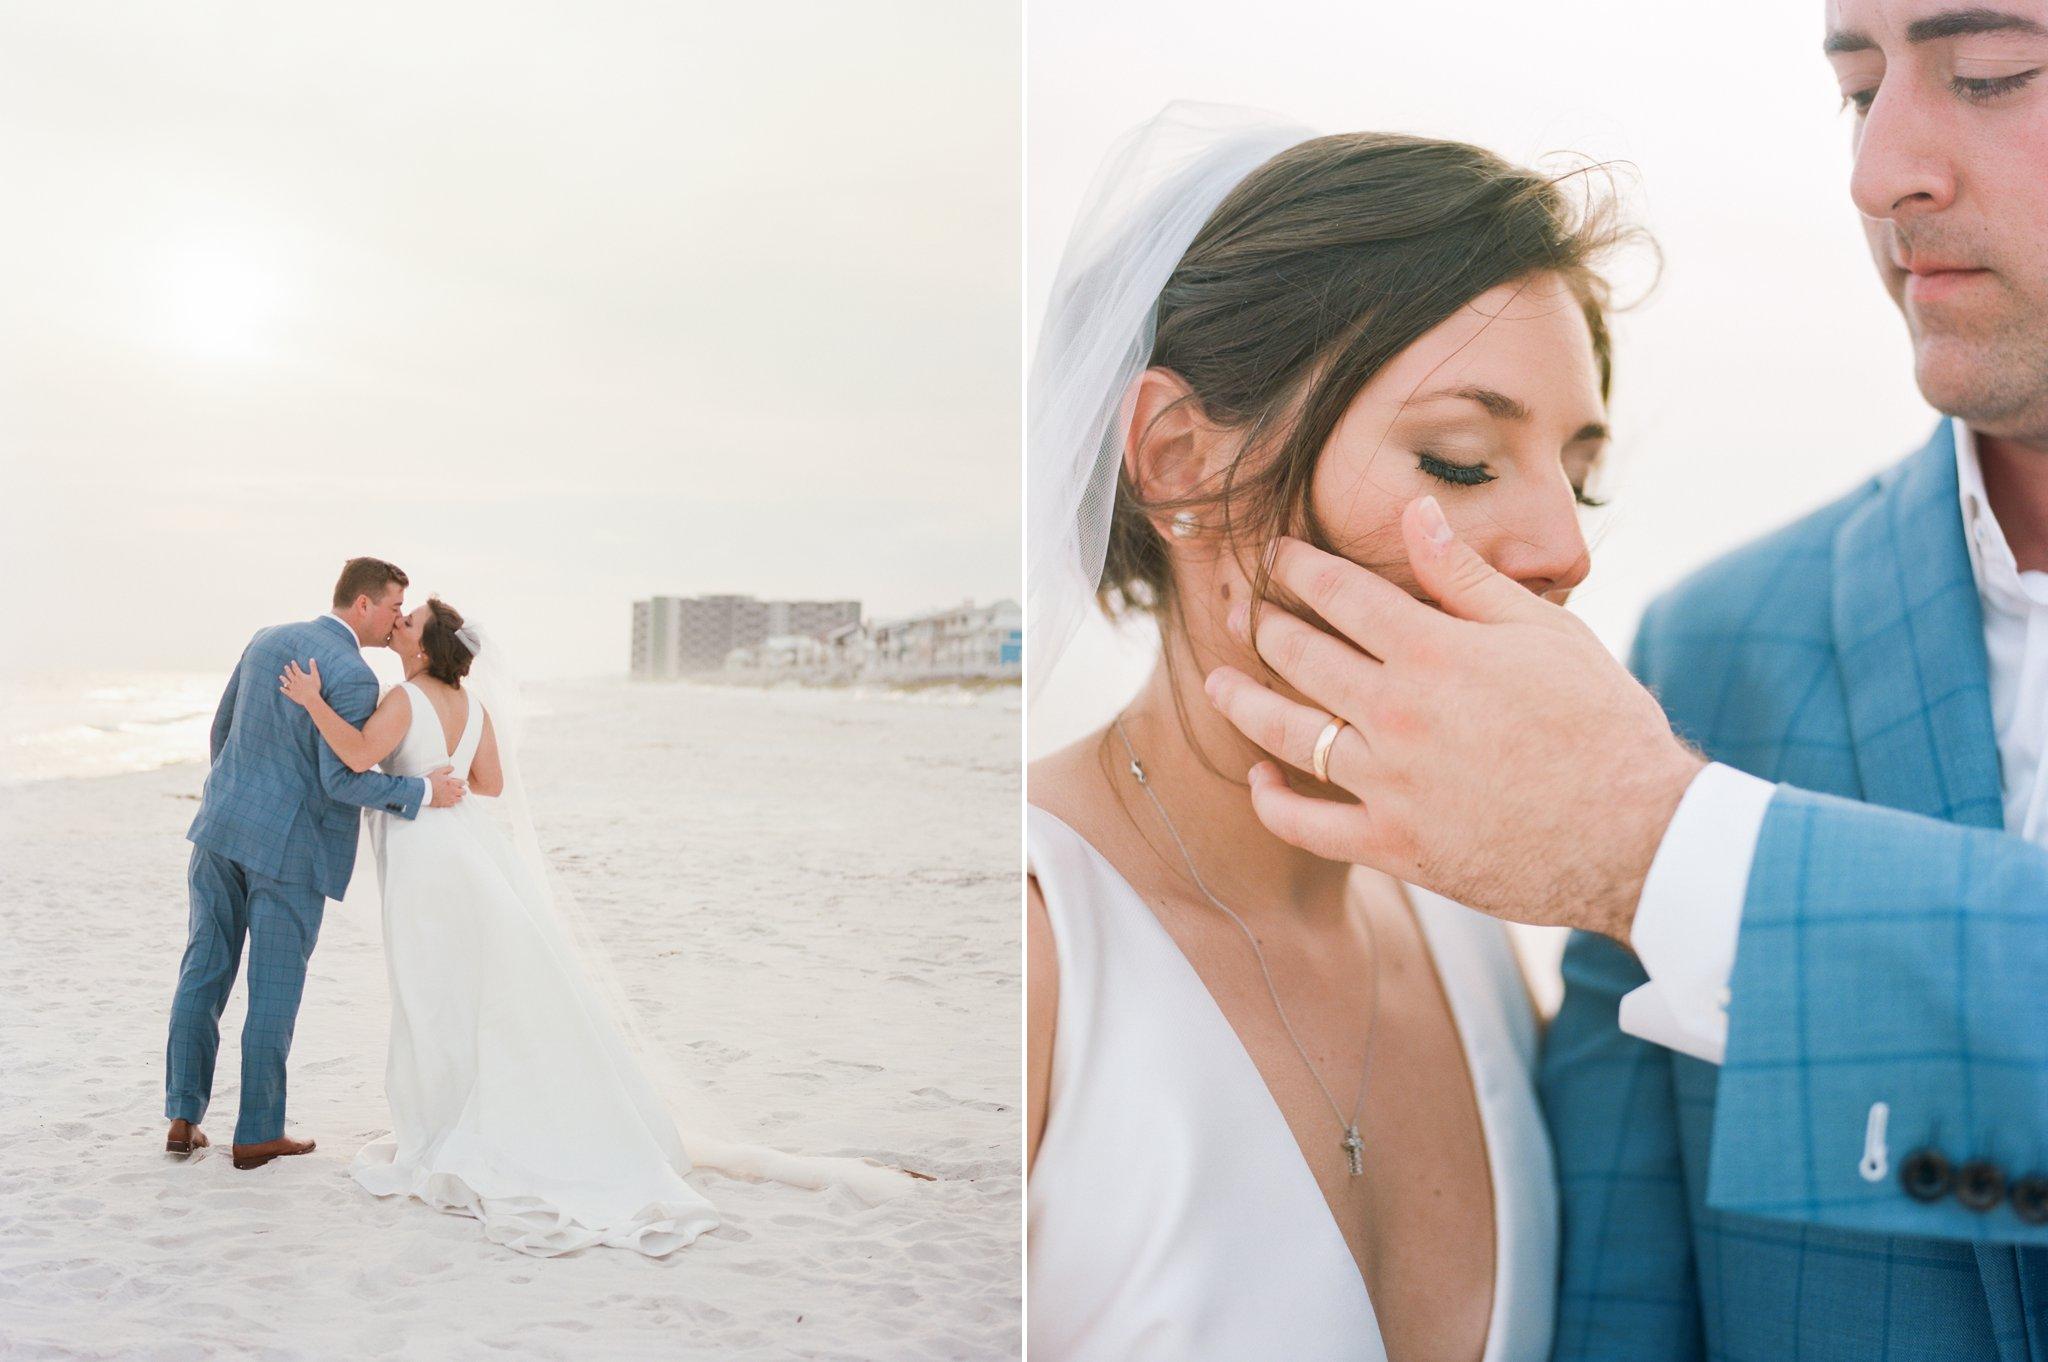 carillon beach wedding photographer shannon griffin photographer_0047.jpg